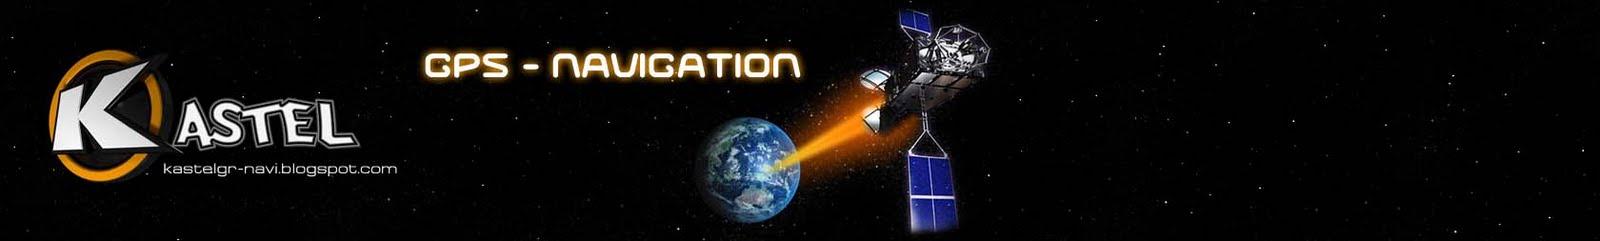 KasteL's Navigation Blog